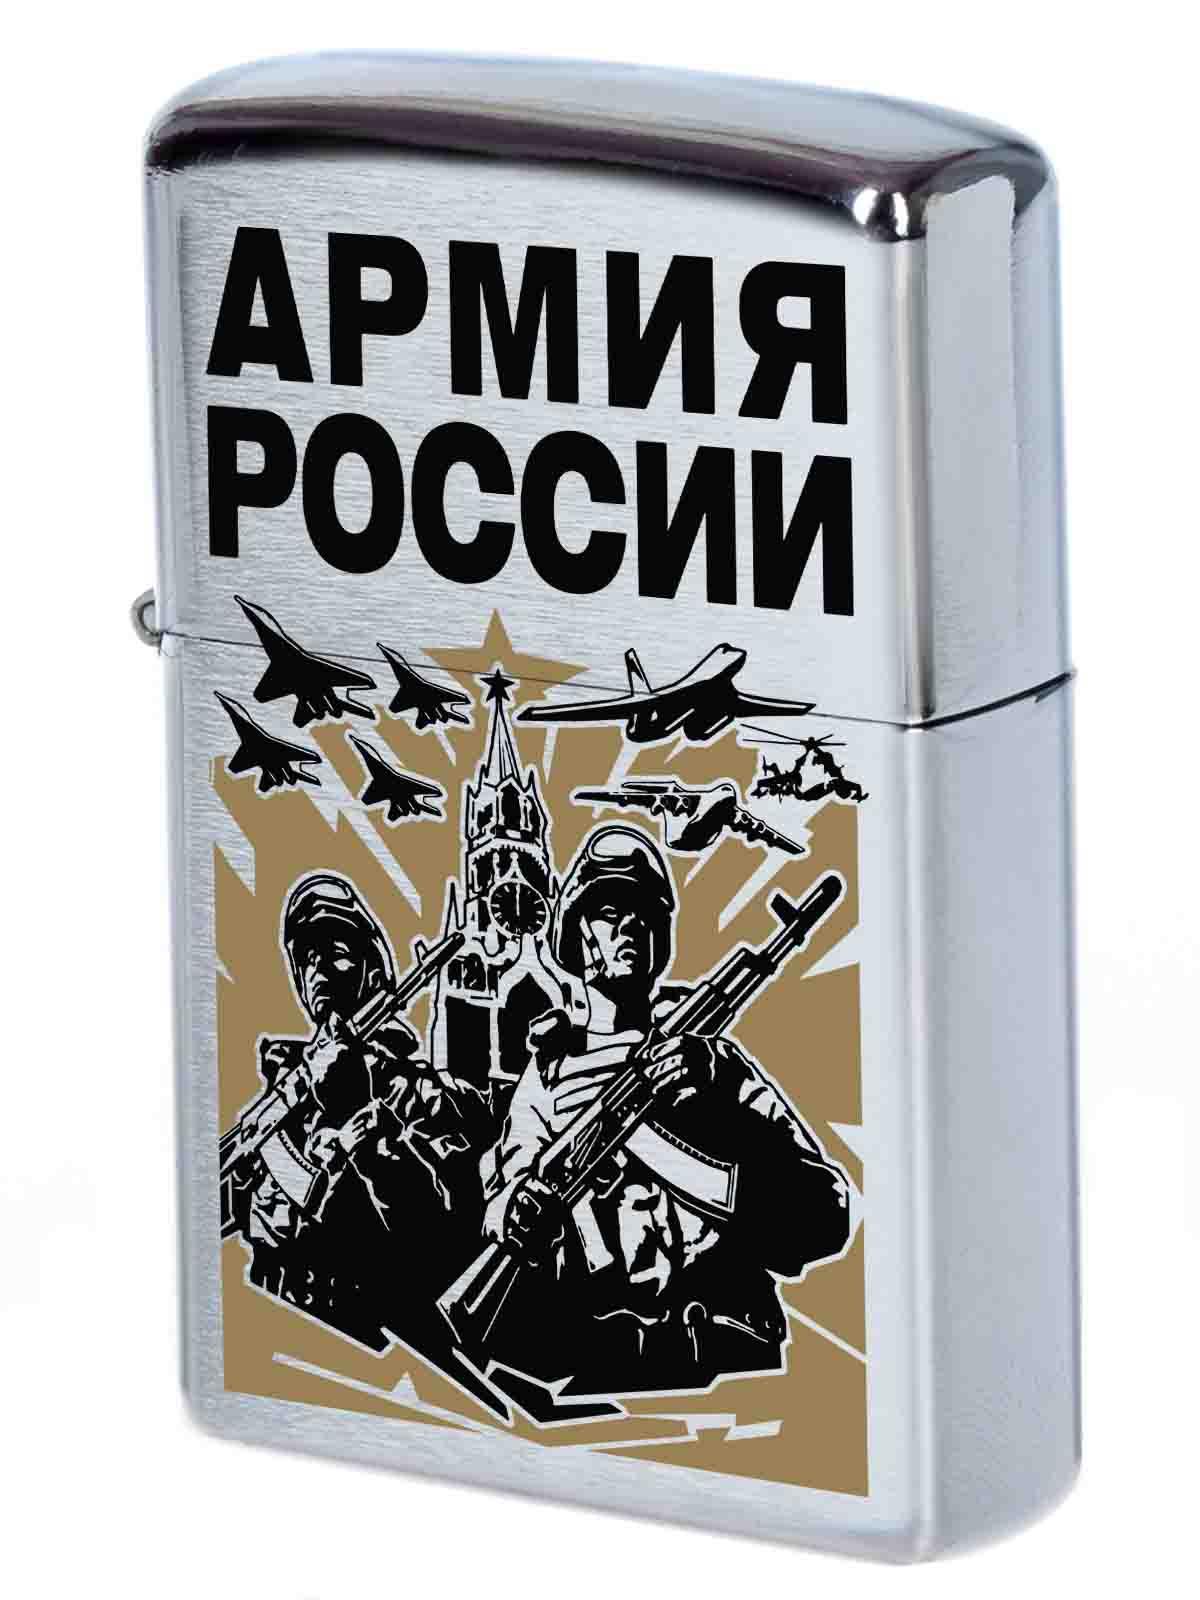 Коллекционная зажигалка Армия России бензиновая